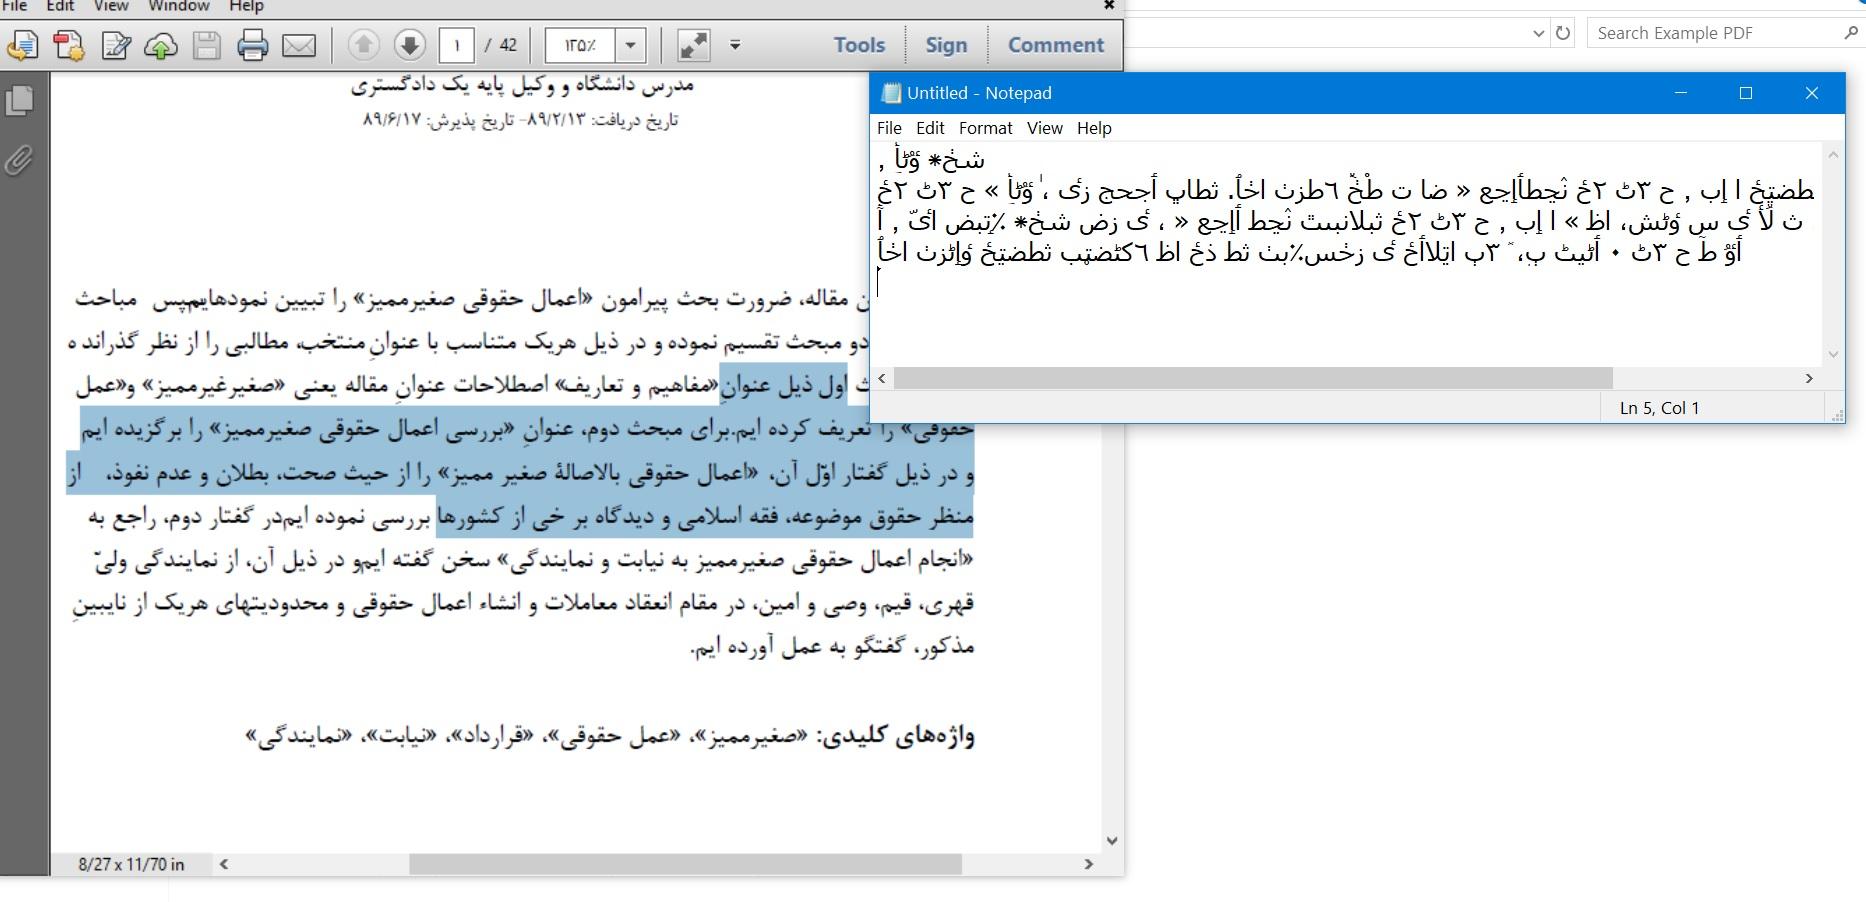 تبدیل نشدن فایل PDF به متن,کپی نشدن متن فایل PDF